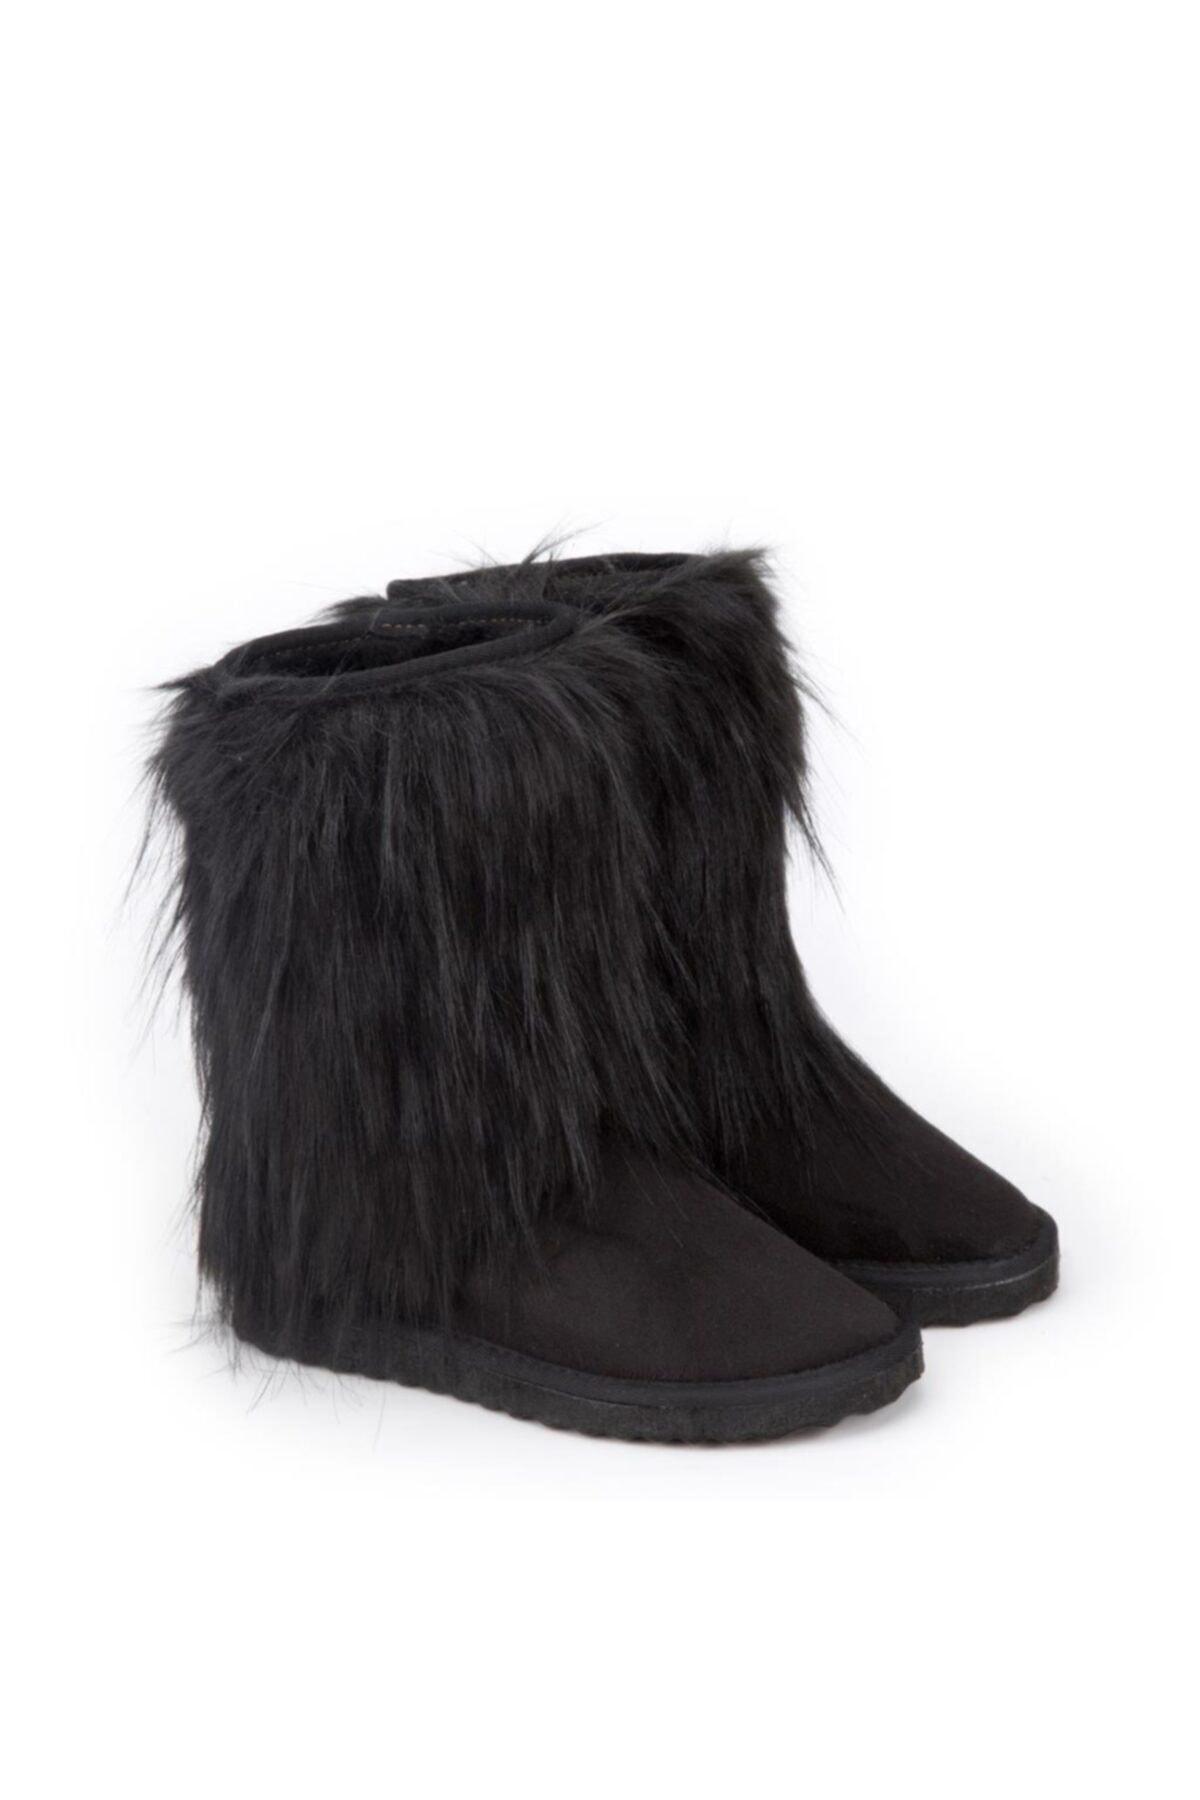 Antarctica Boots Kürk Detaylı Içi Kürklü Eva Taban Süet Siyah Çocuk Bot Atkodps507s 1